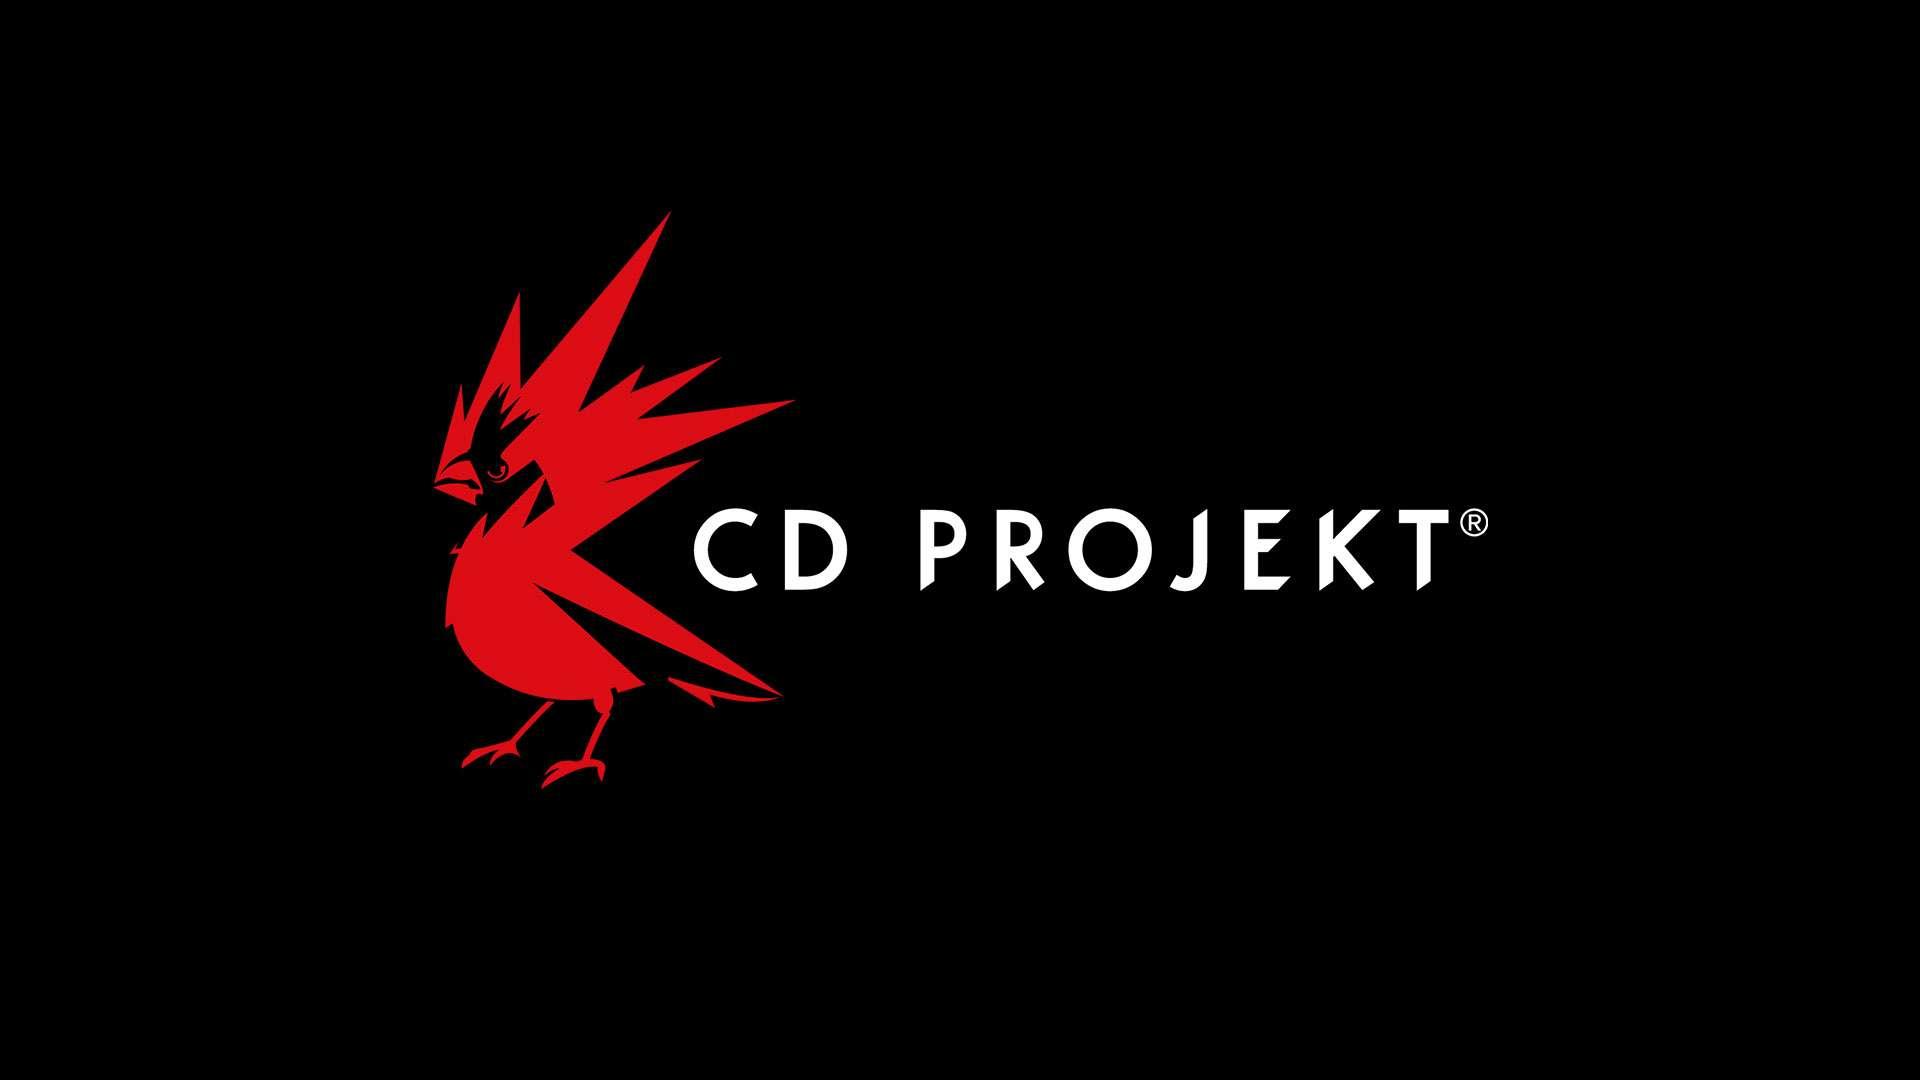 cd projekt rednbsp